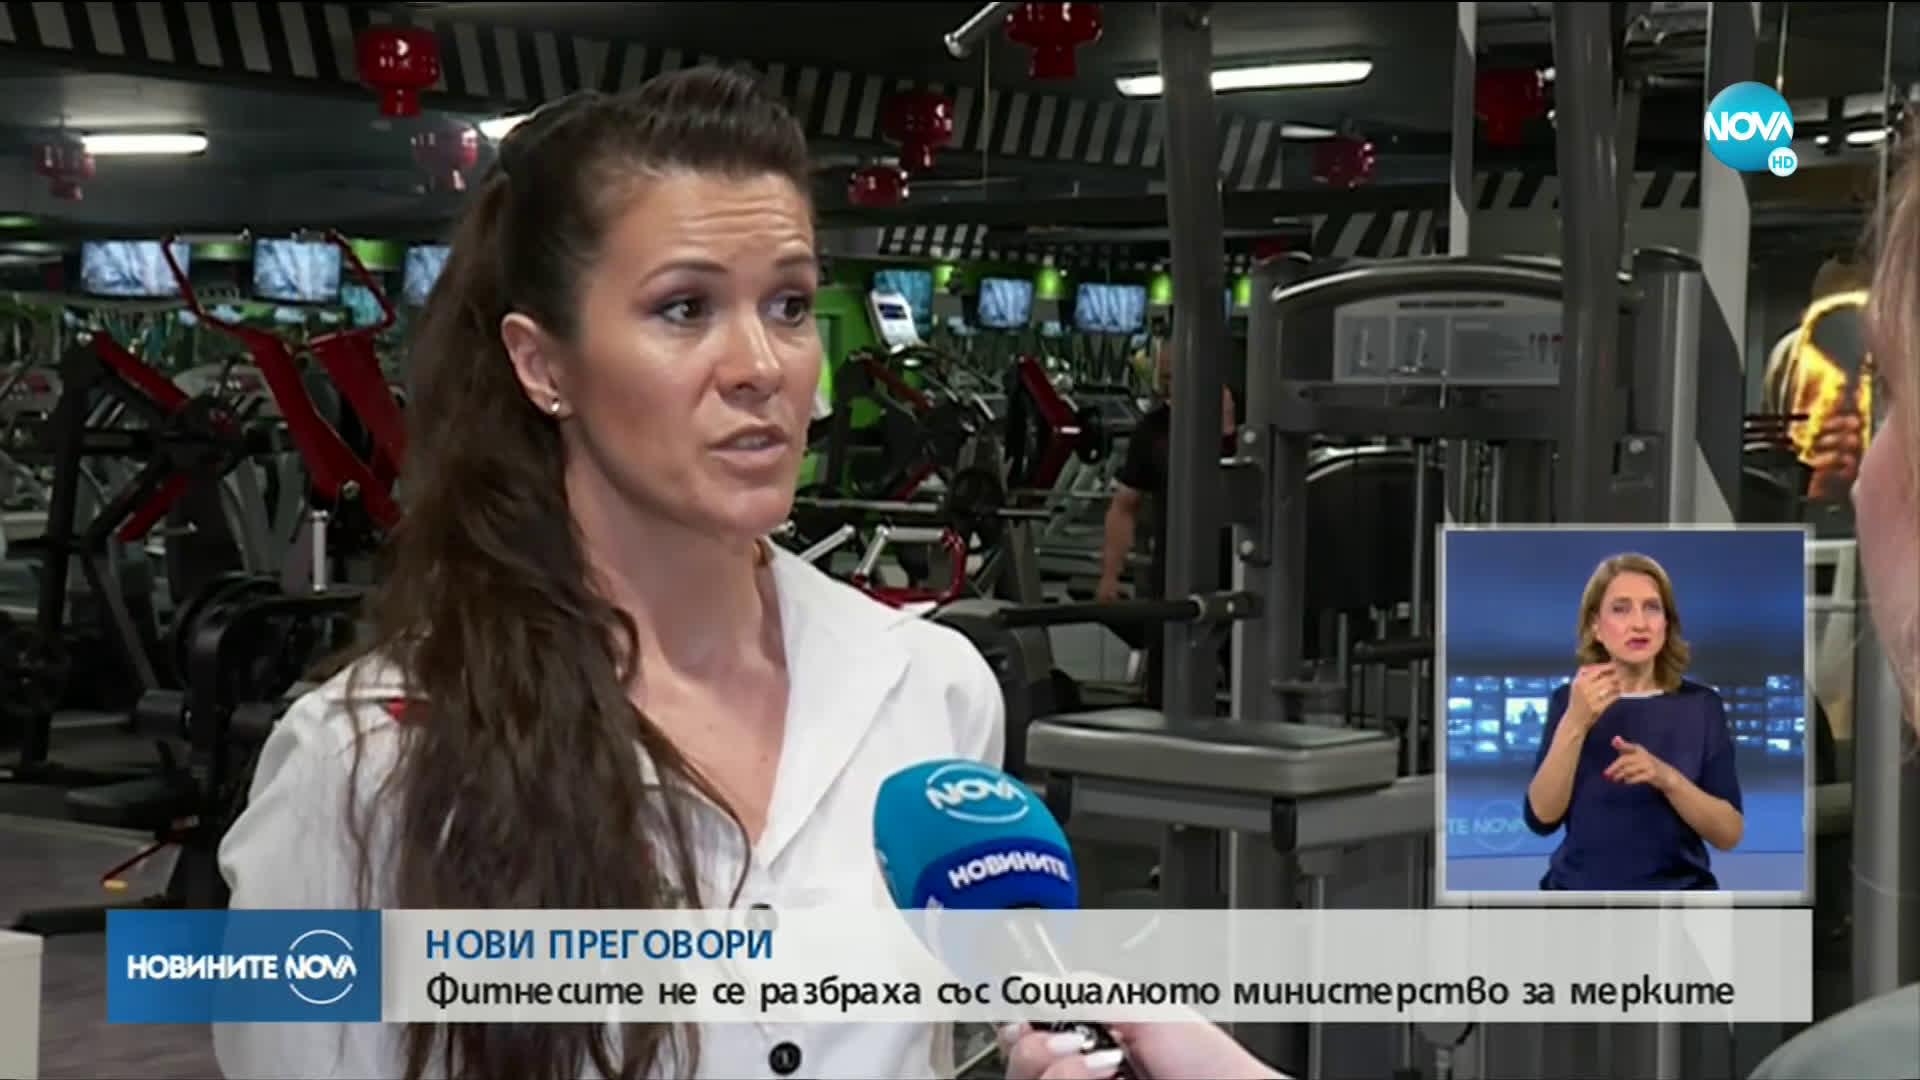 Фитнесите не се разбраха със социалното министерство за мерките